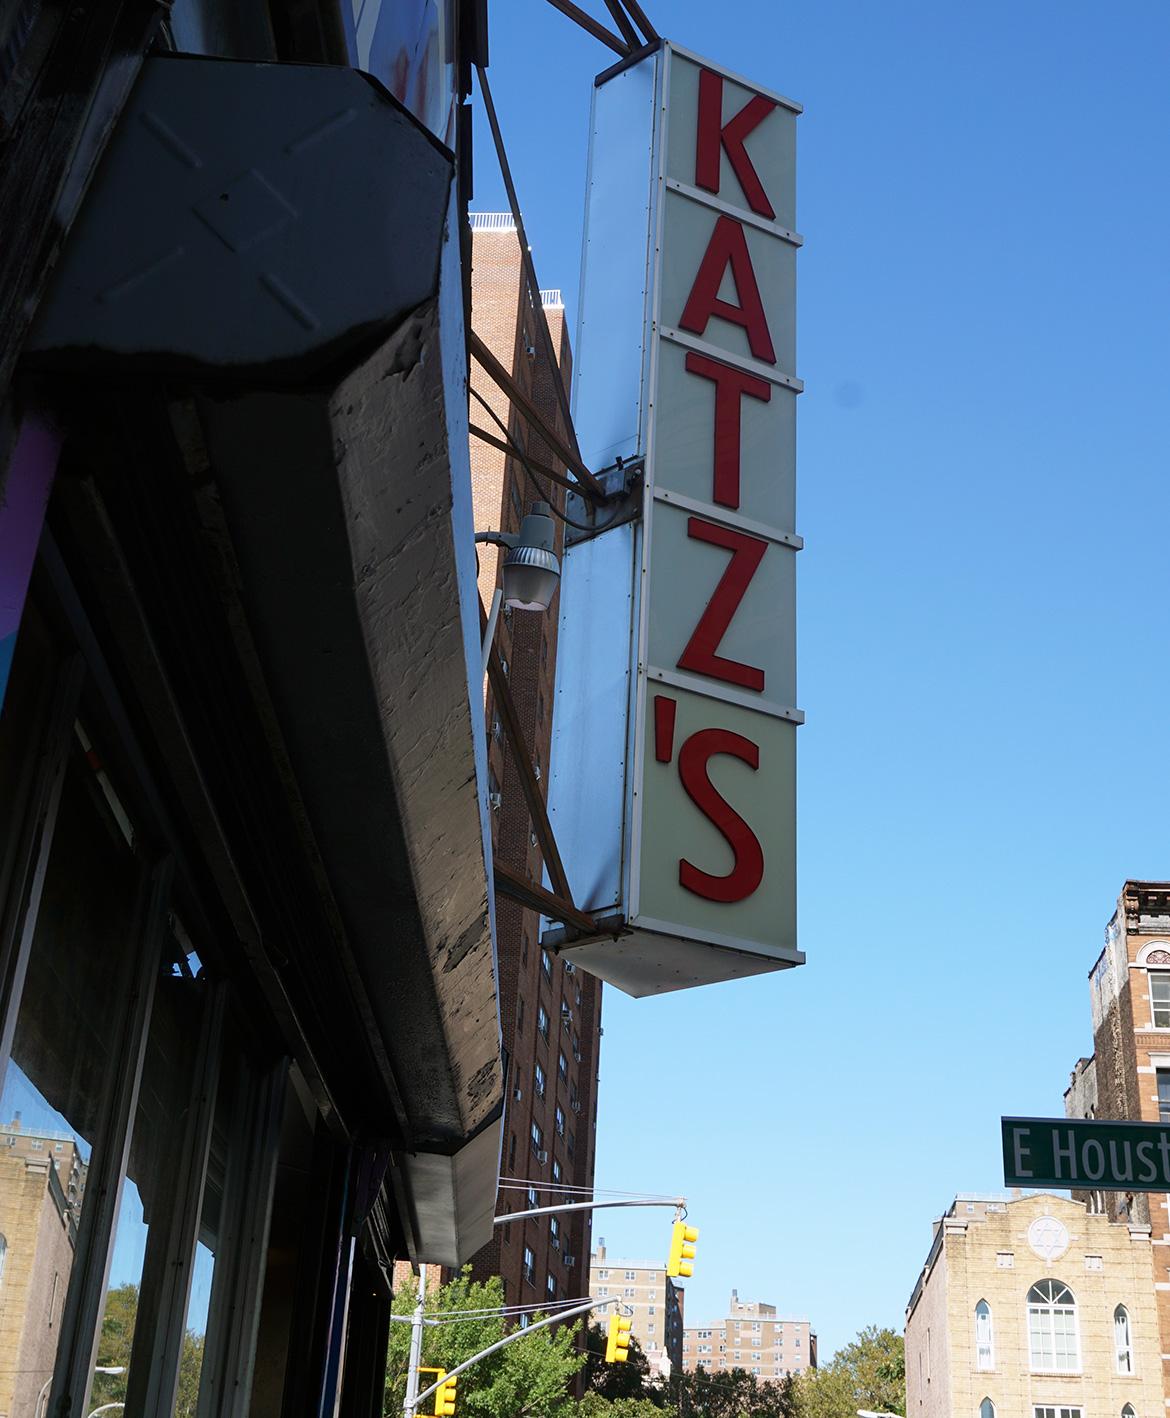 katzs-the-take-out-v5